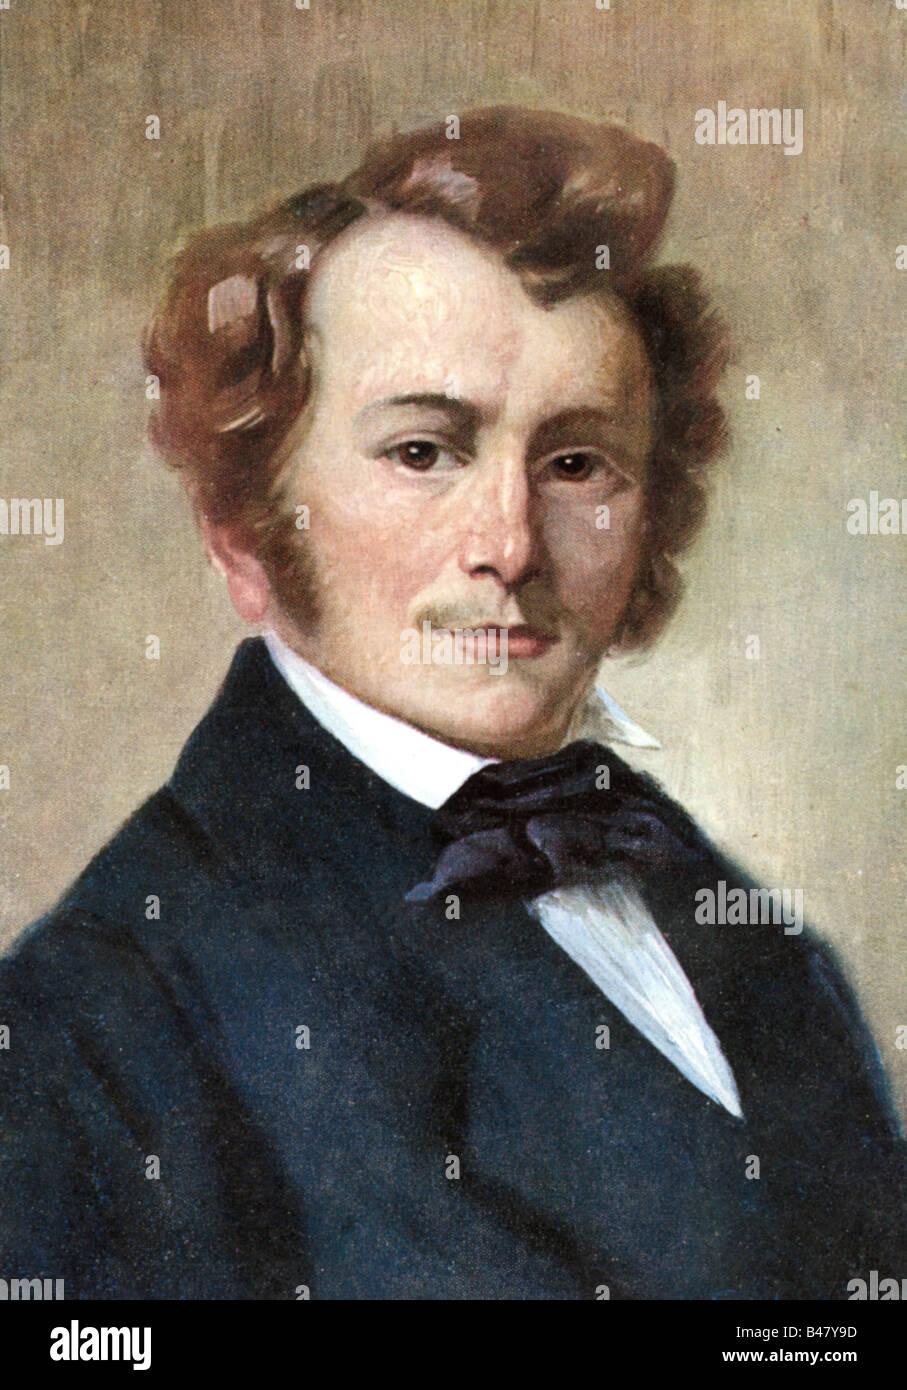 Lortzing, Albert, 23.10.1801 - 21.01.1851, compositore tedesco, ritratto, dipinto di Robert Einhorn, circa 1910, Foto Stock